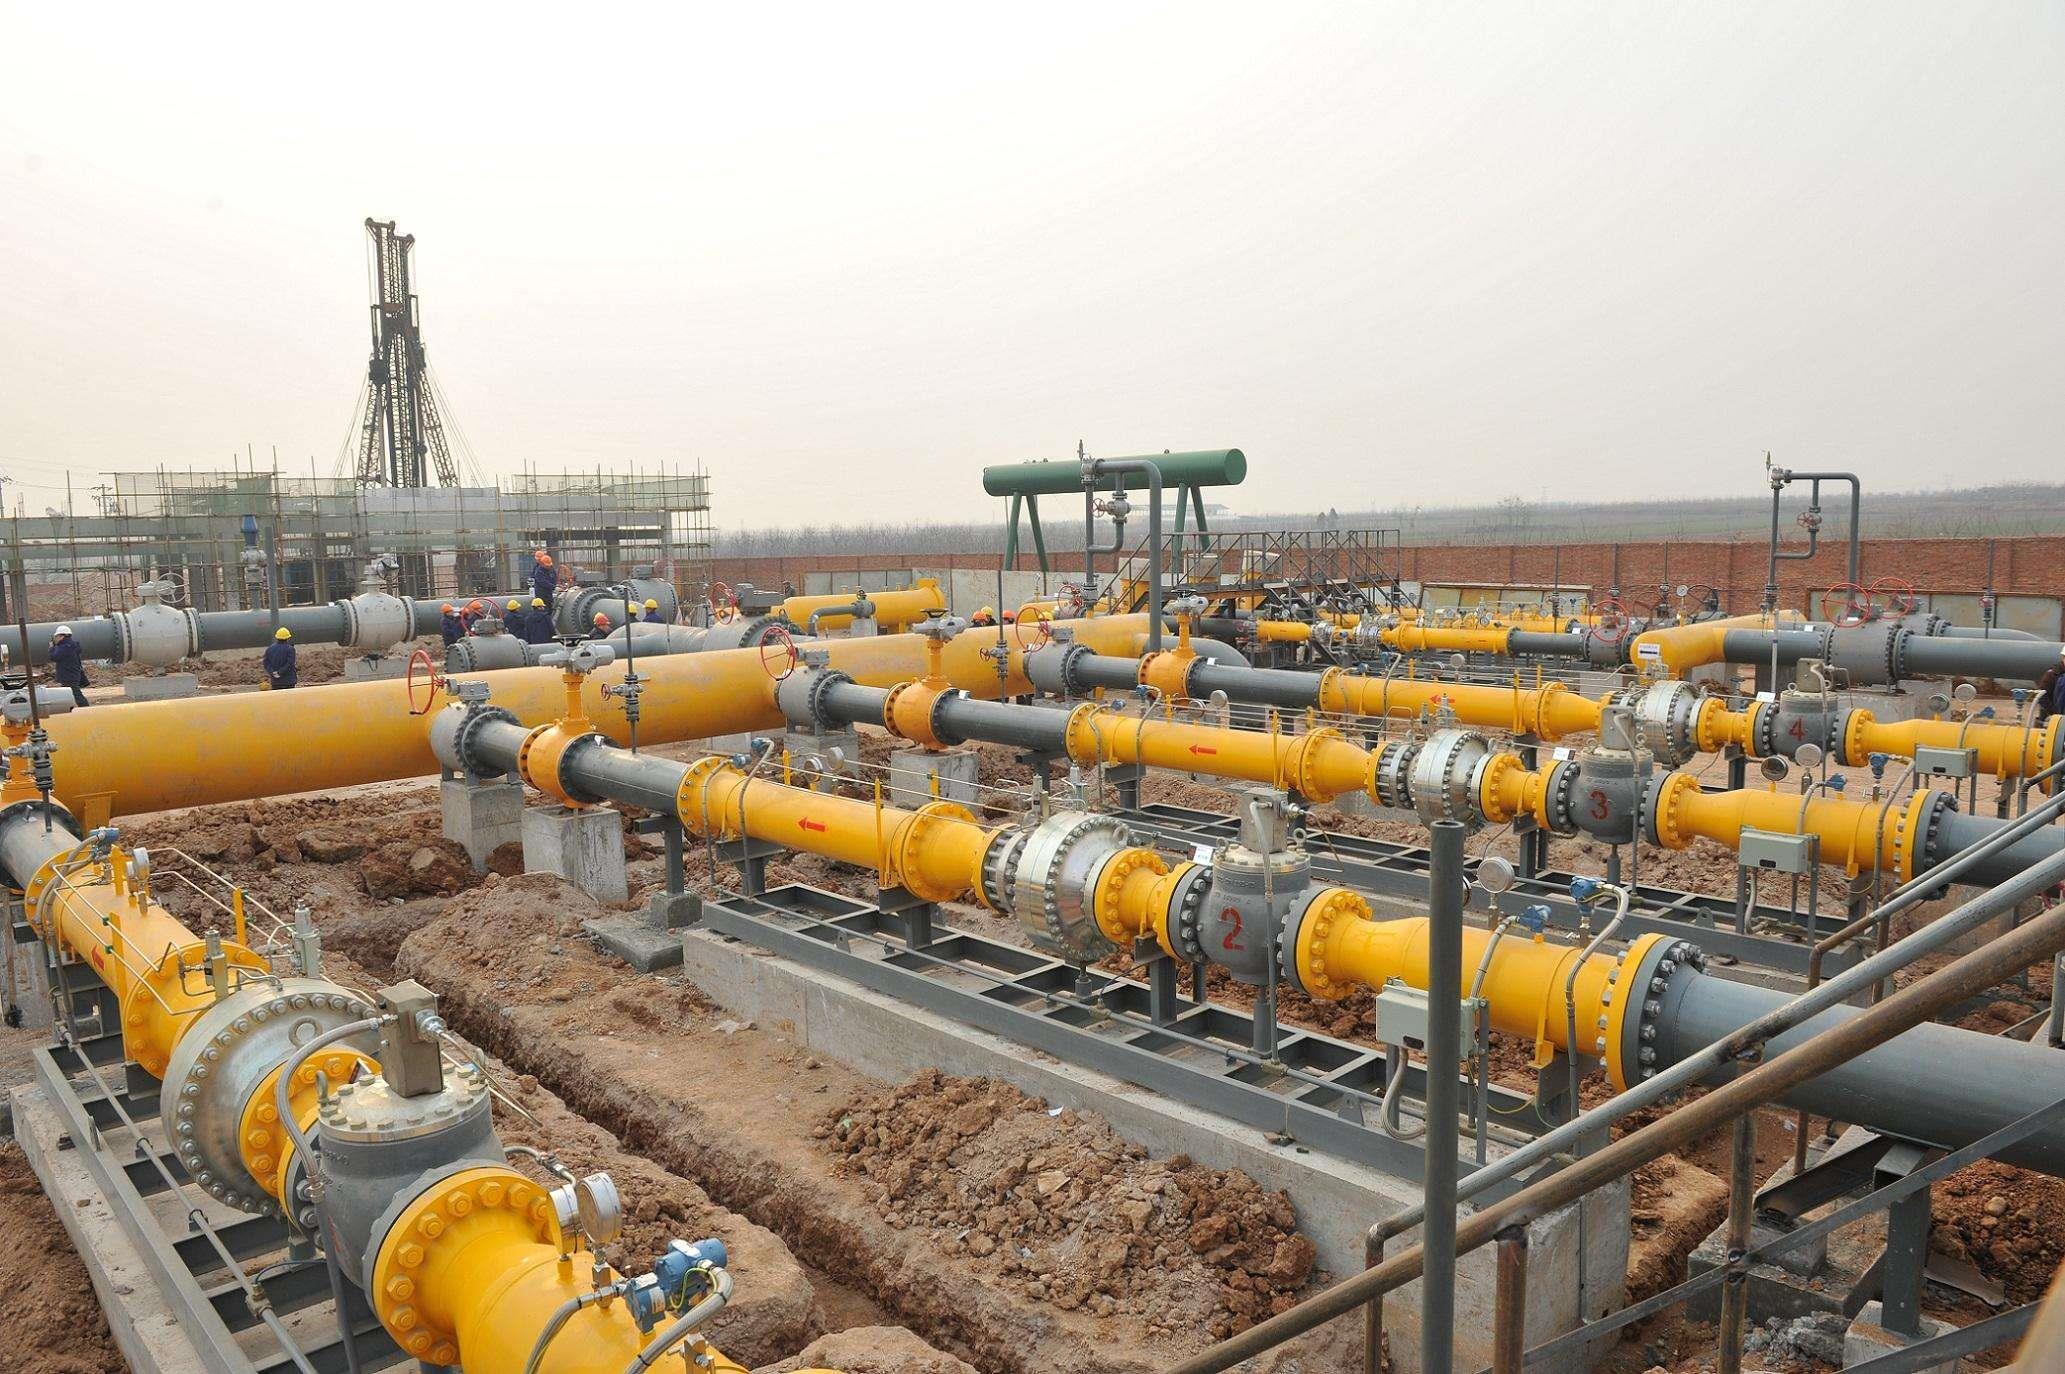 3月重庆天然气用量10.18亿立方米 同比增11.38%